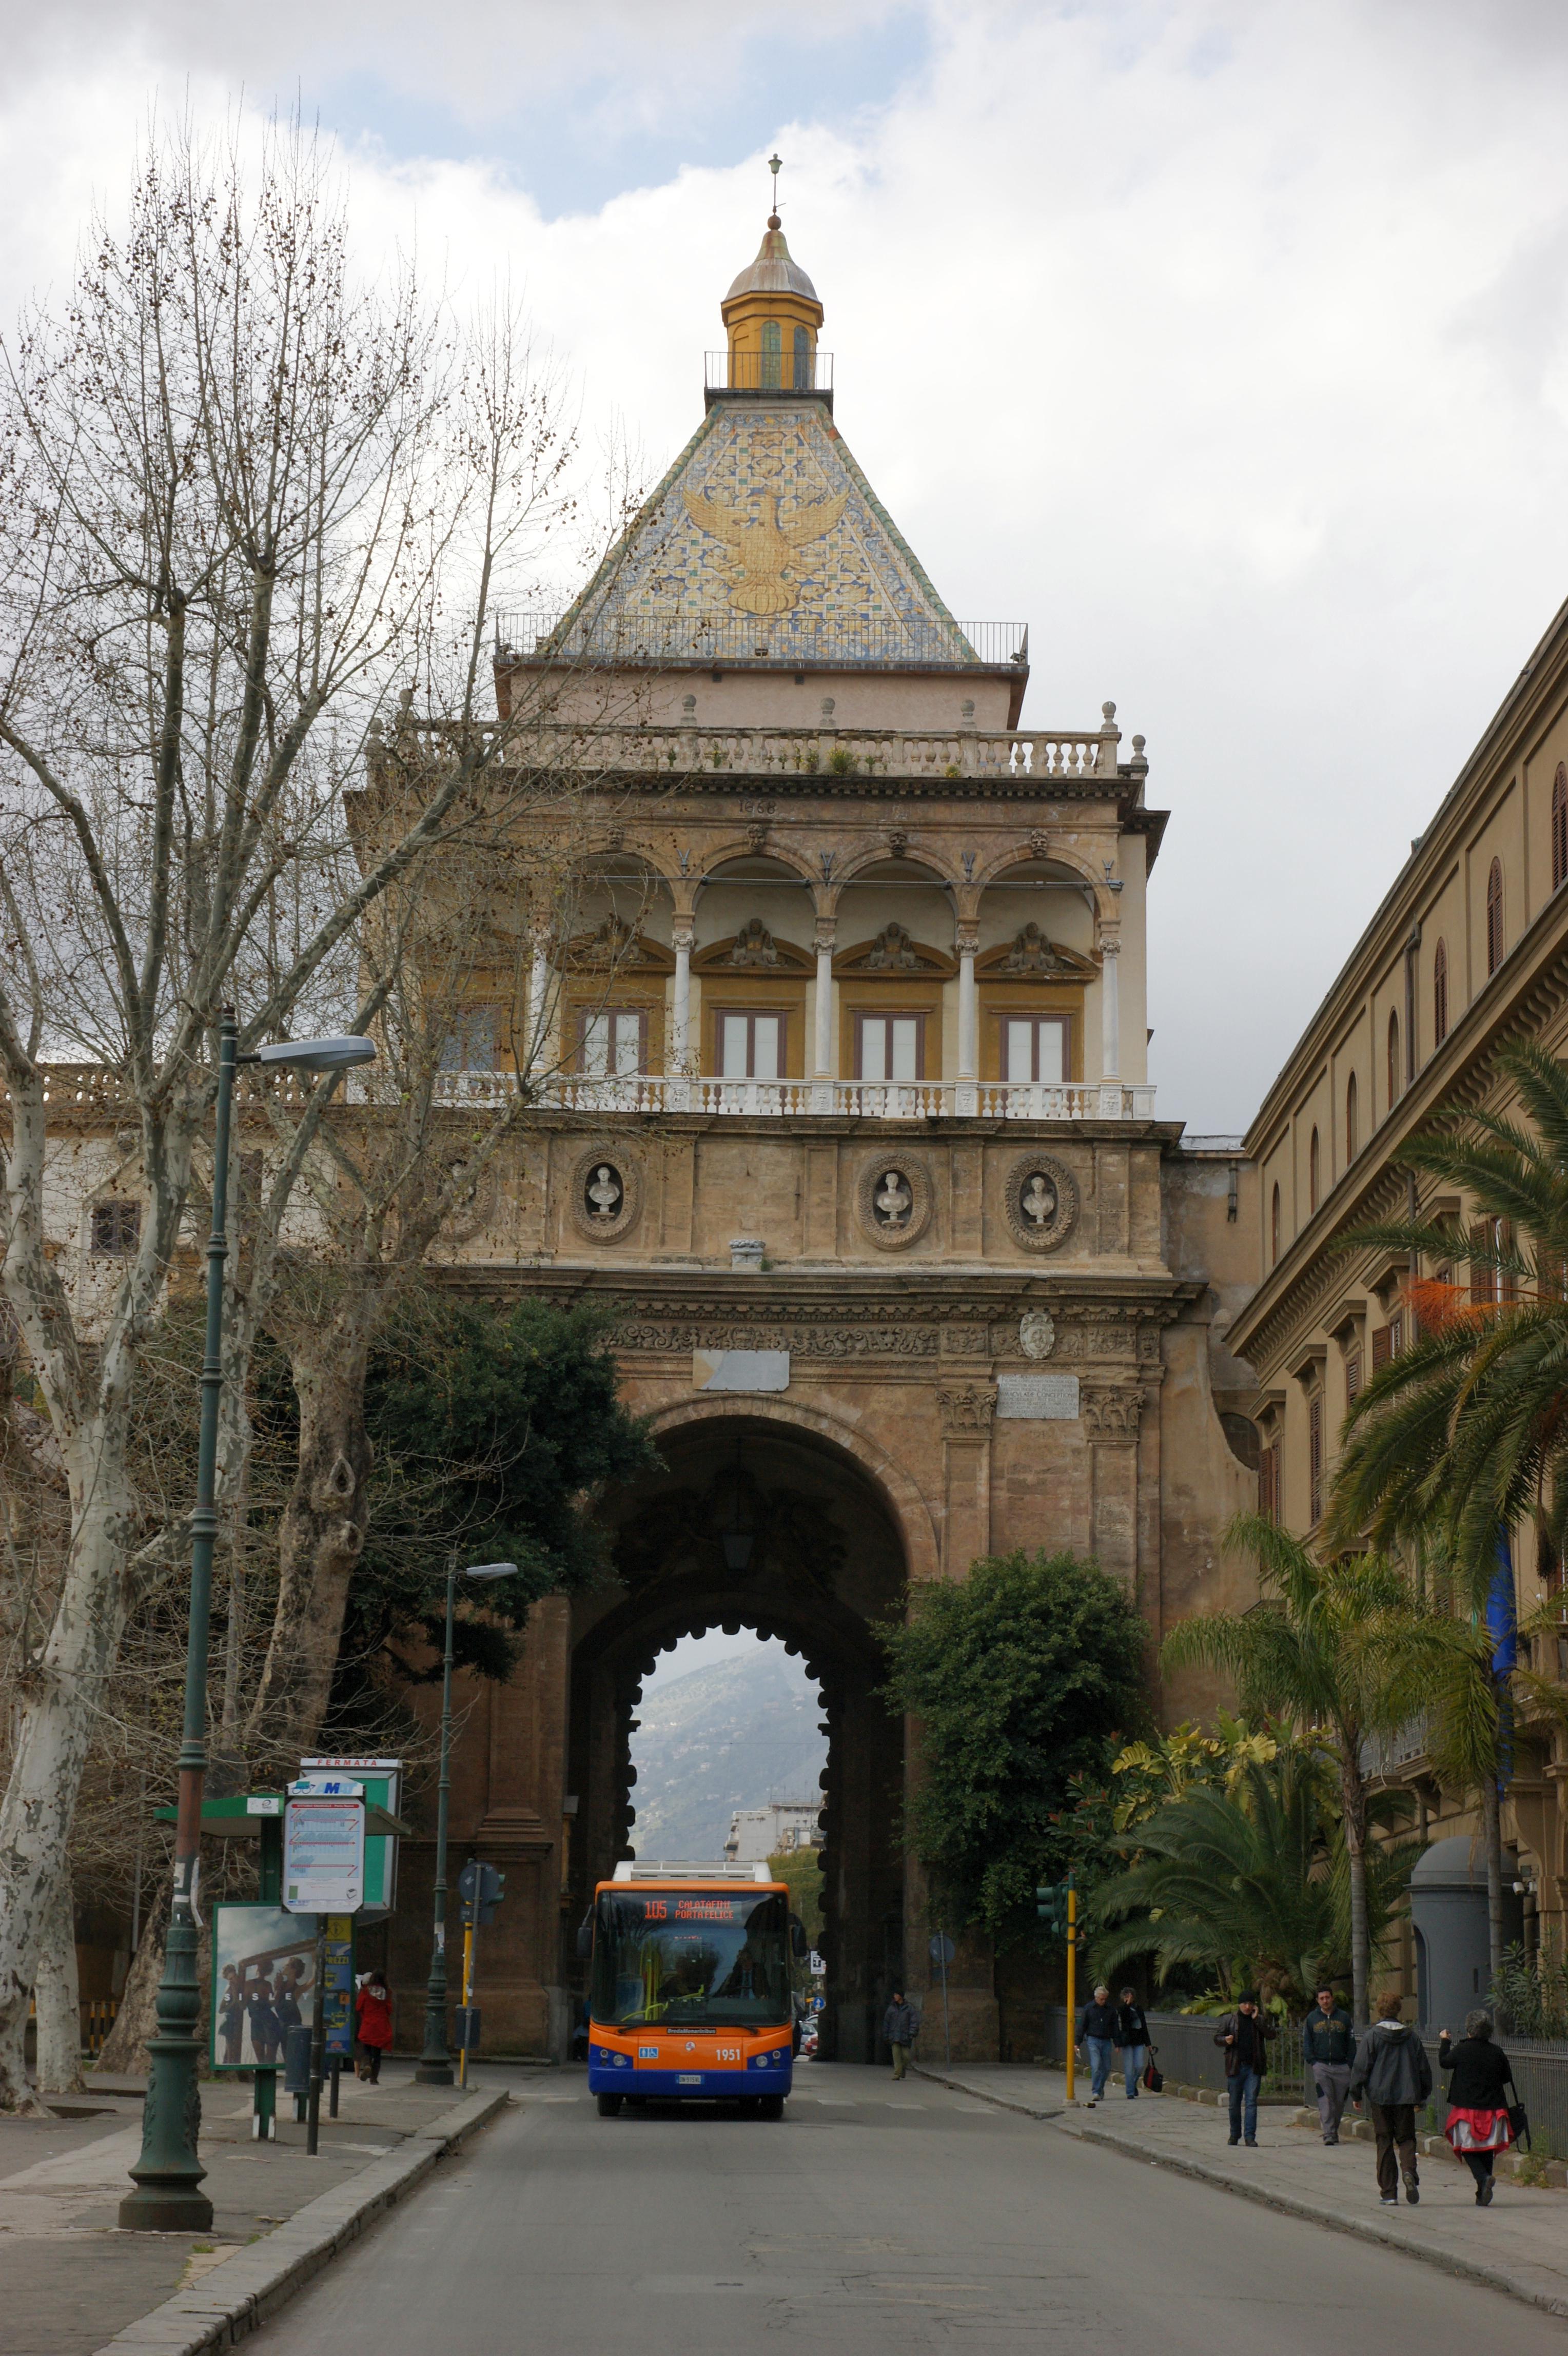 File 2009 03 22 03 29 sizilien 096 palermo porta nuova 3411624019 jpg wikimedia commons - Porte a palermo ...